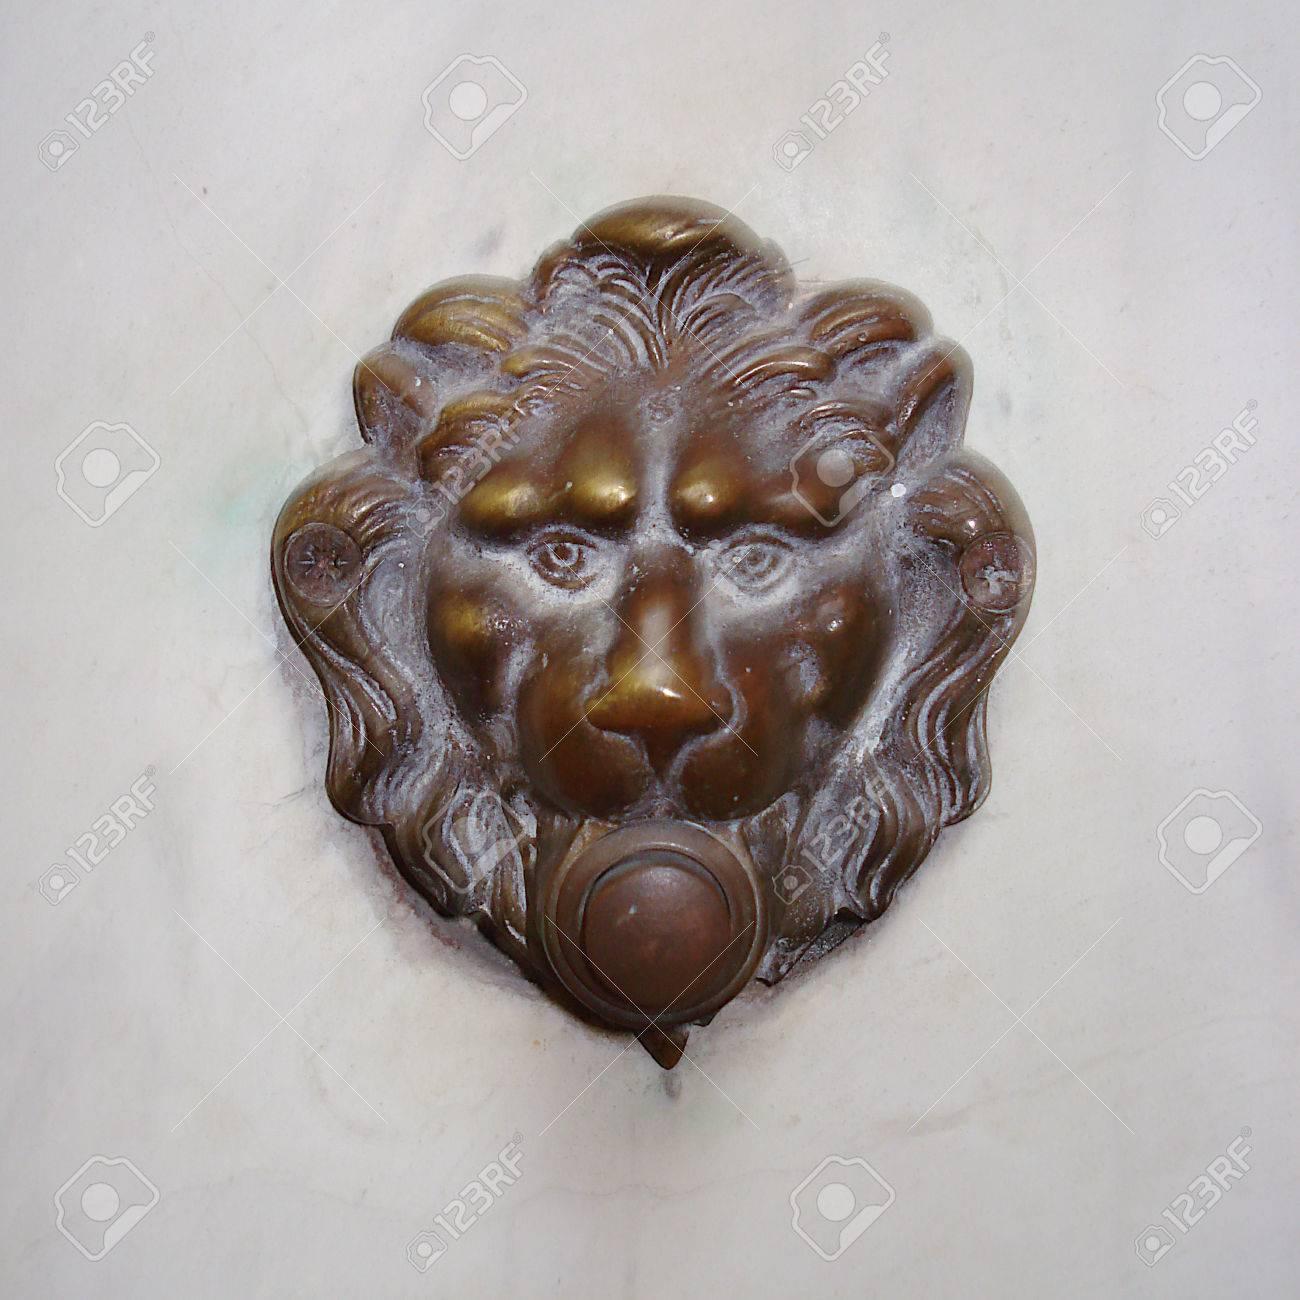 antique Italian doorbell, antique doorbell in Venezia, Italy Stock Photo -  38745530 - Antique Italian Doorbell, Antique Doorbell In Venezia, Italy Stock